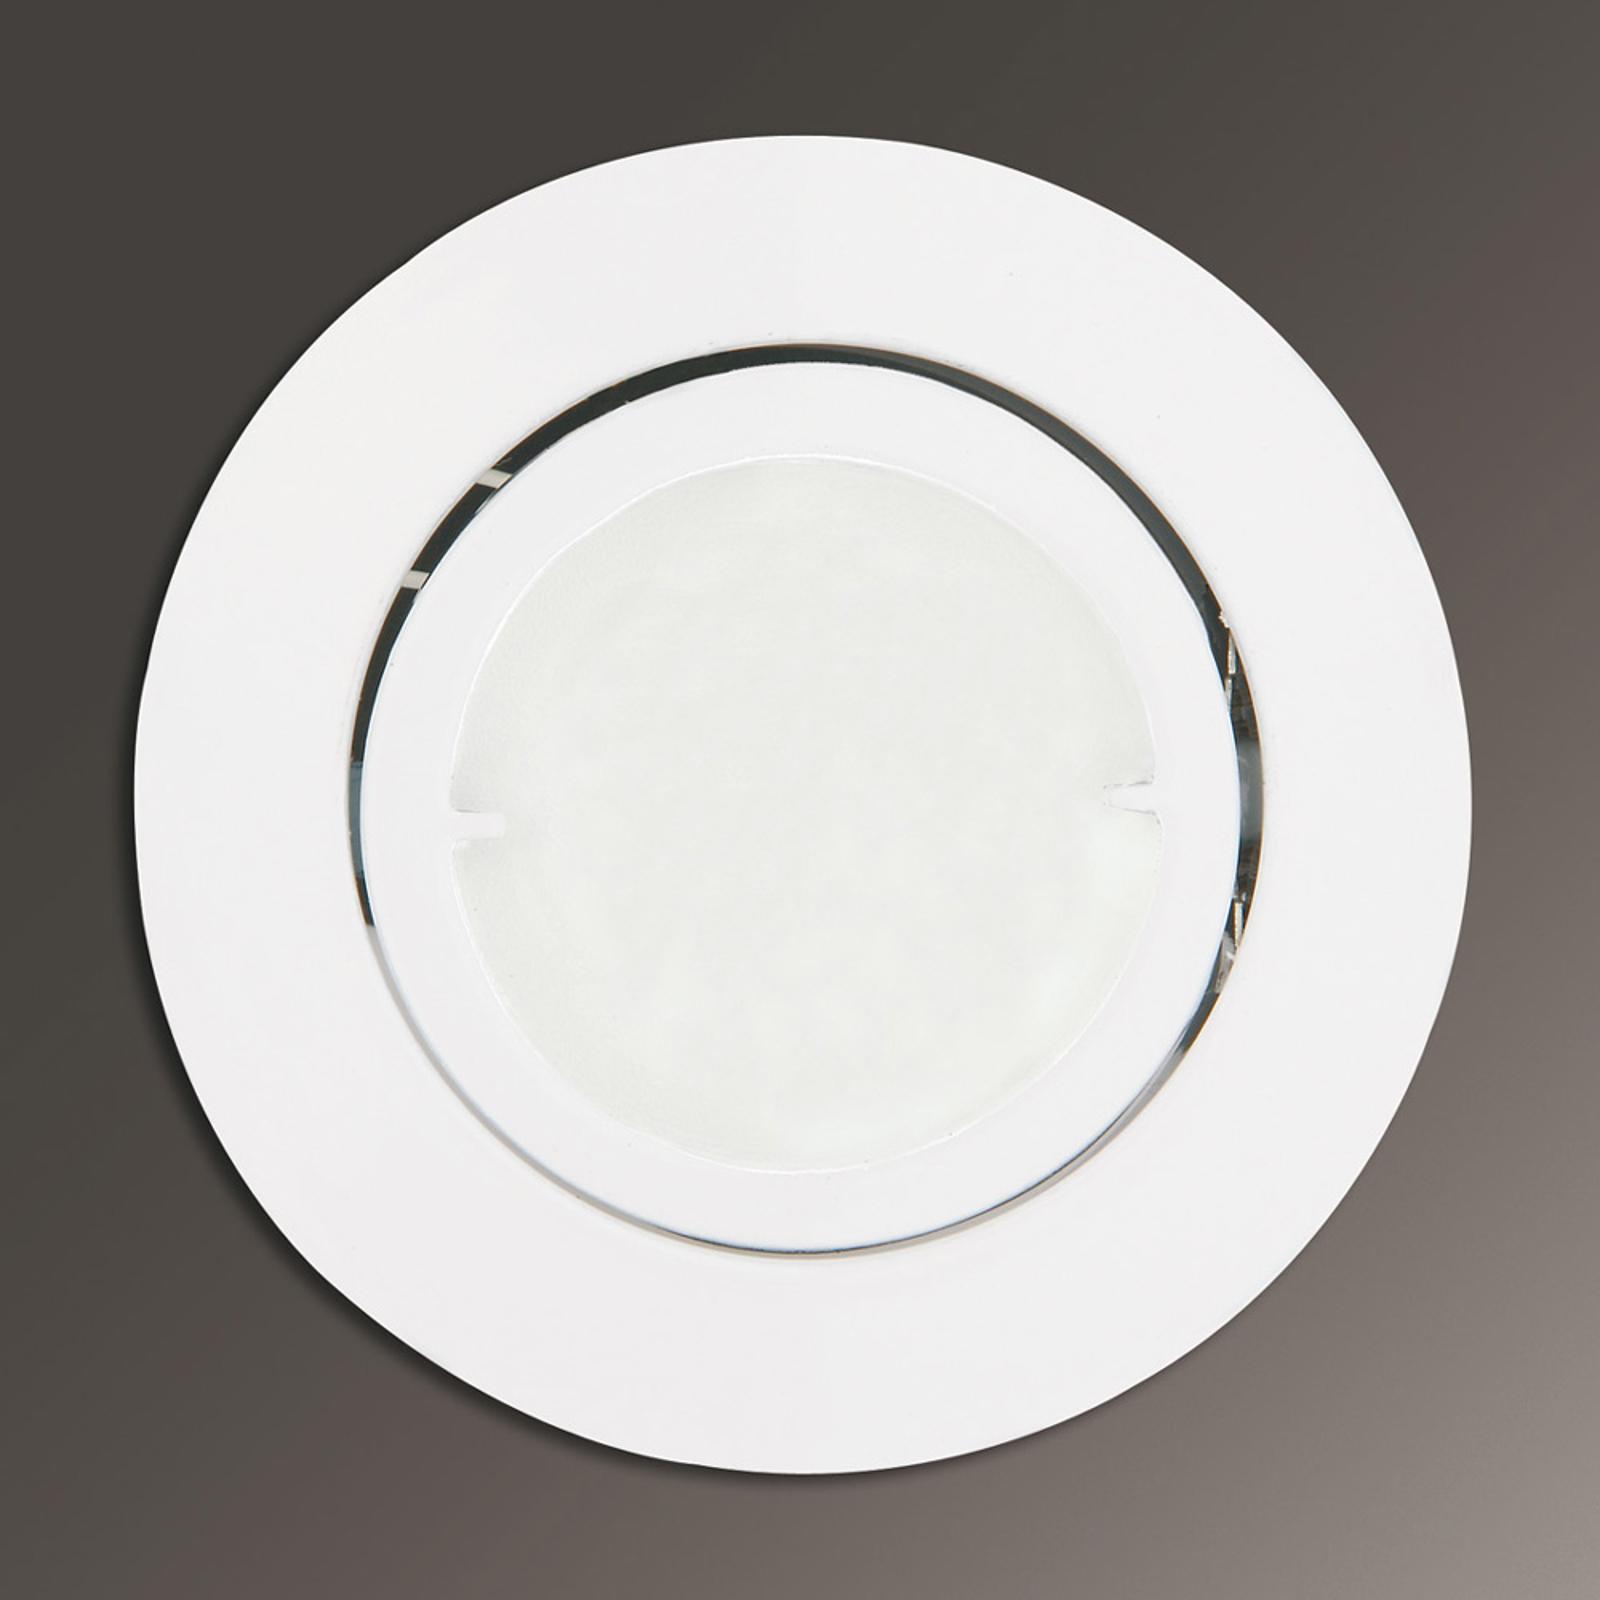 Joanie - LED-uppovalaisin valkoinen, pyöreä